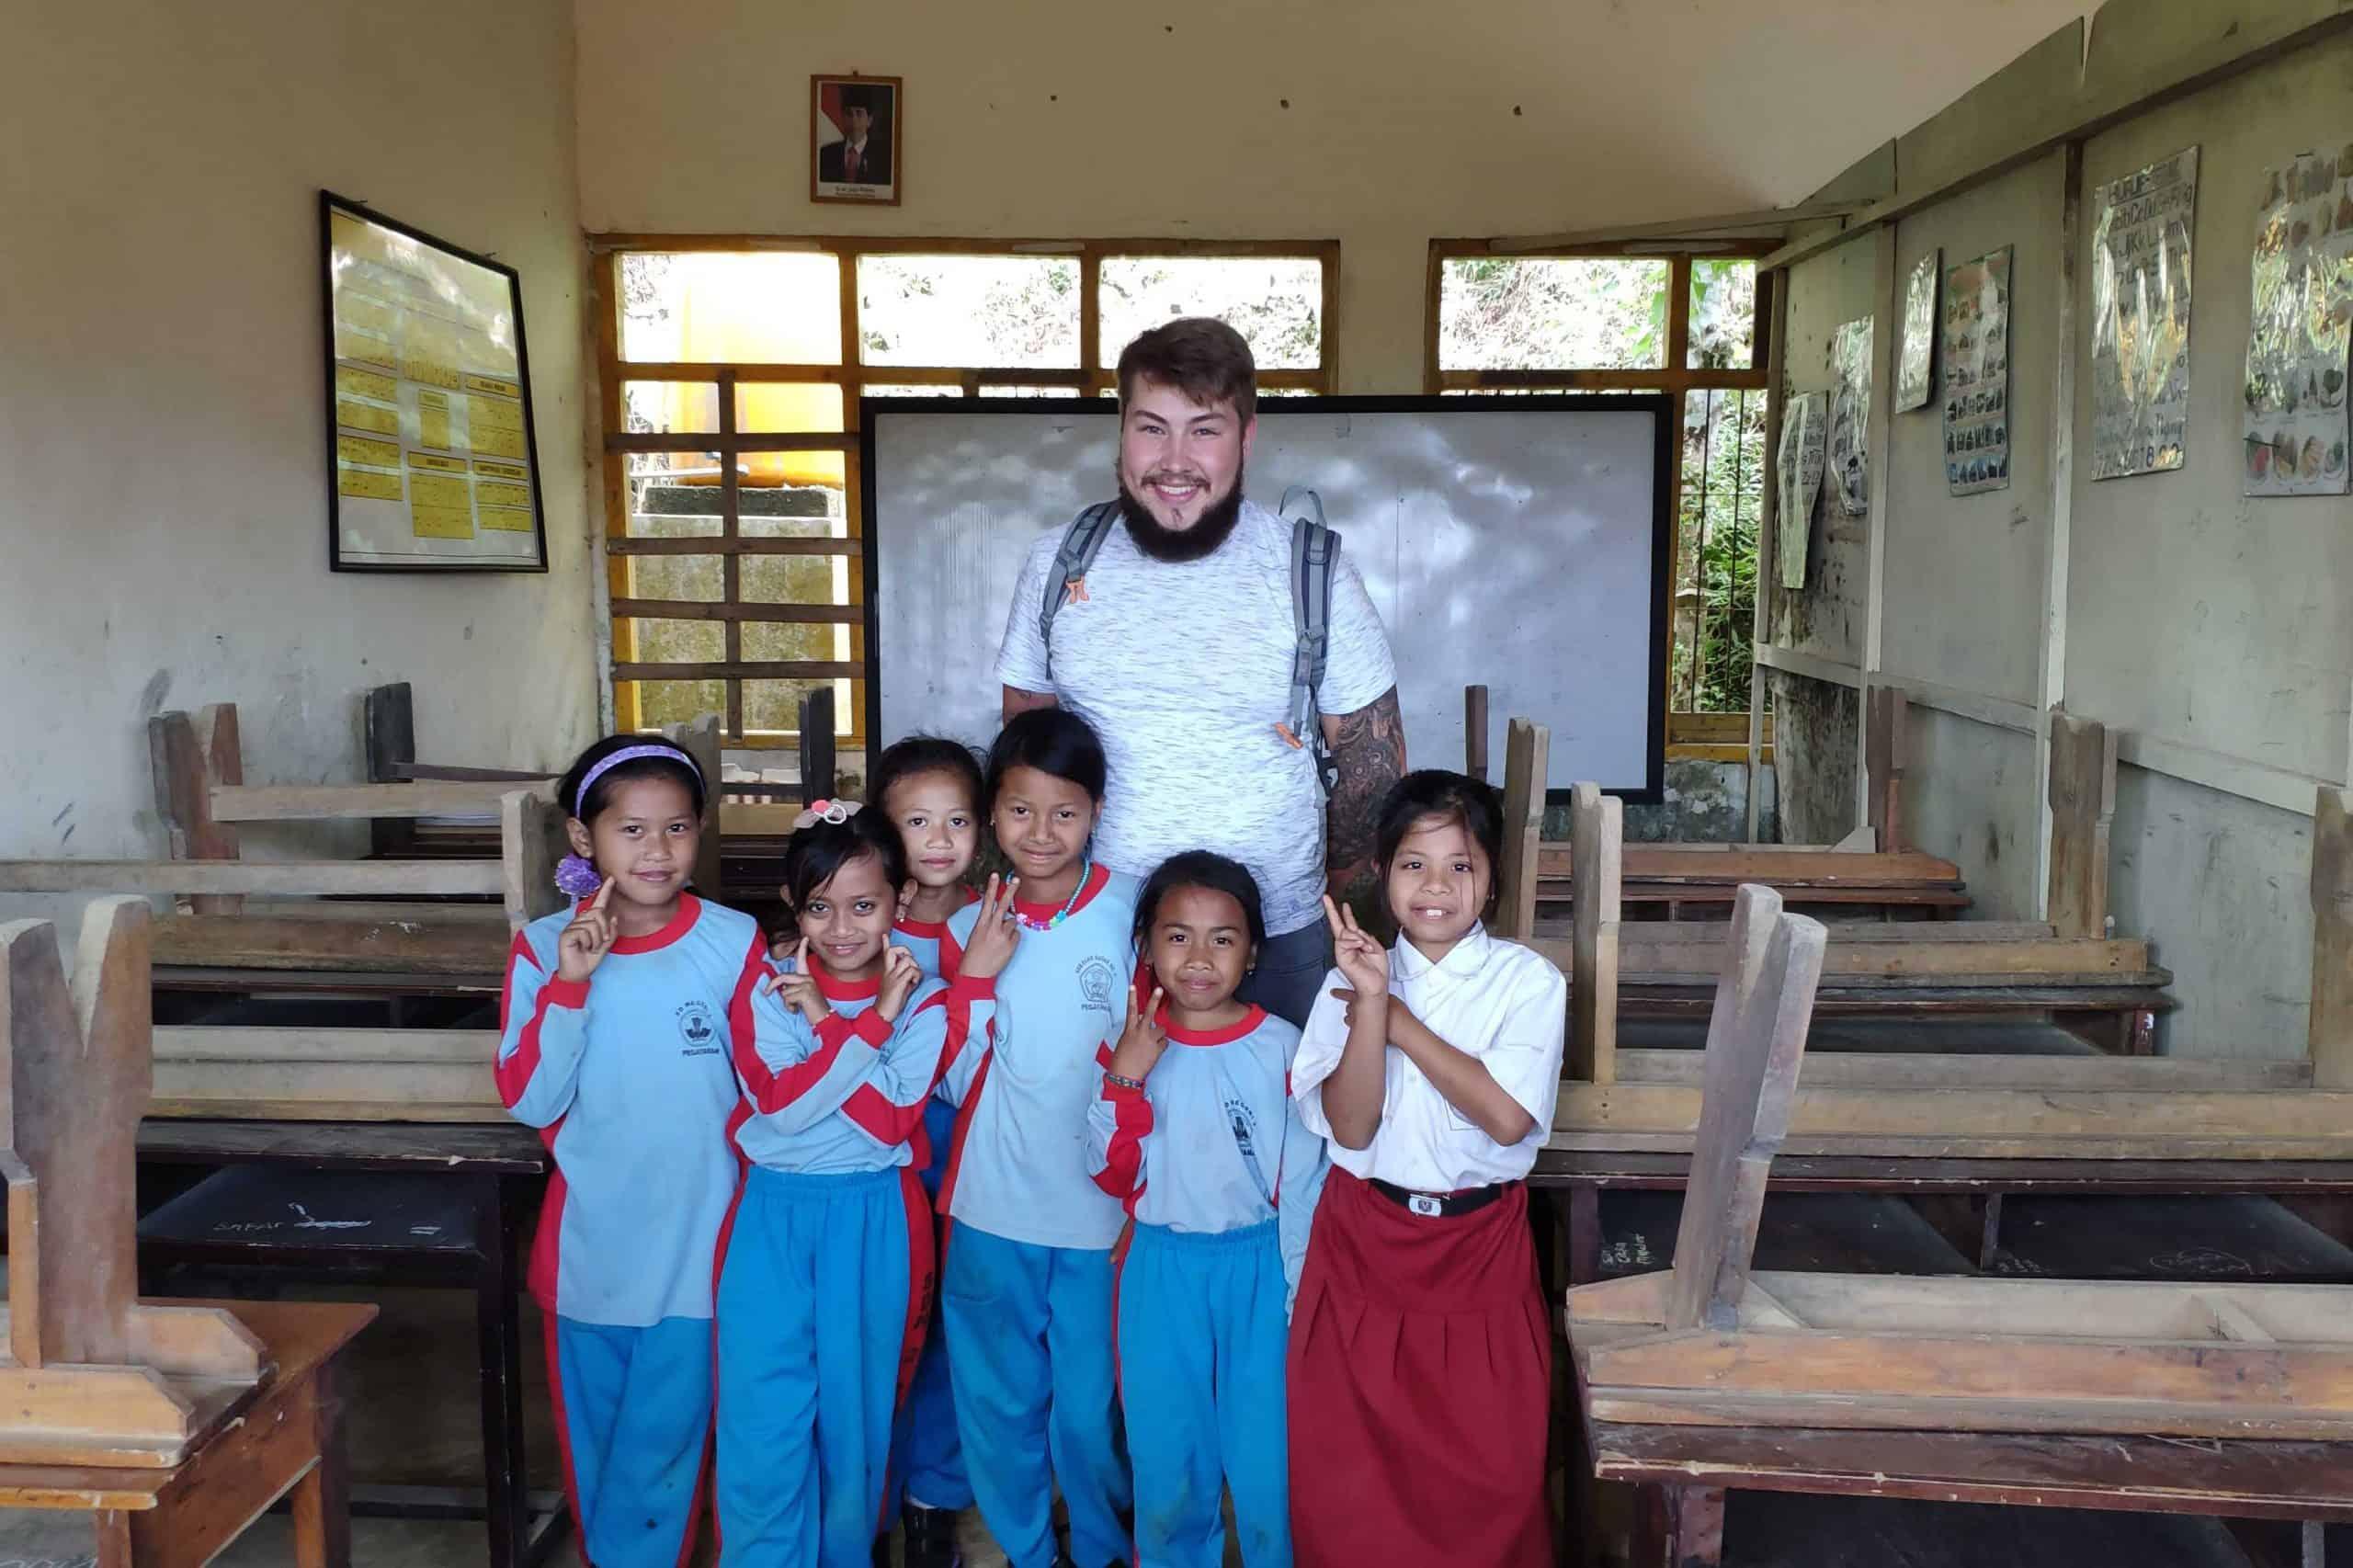 Die Schule haben wir 2019 im Rahmen des Projekteinsatzes gescoutet. (Daniel mit Schülerinnen. Bali 2019)